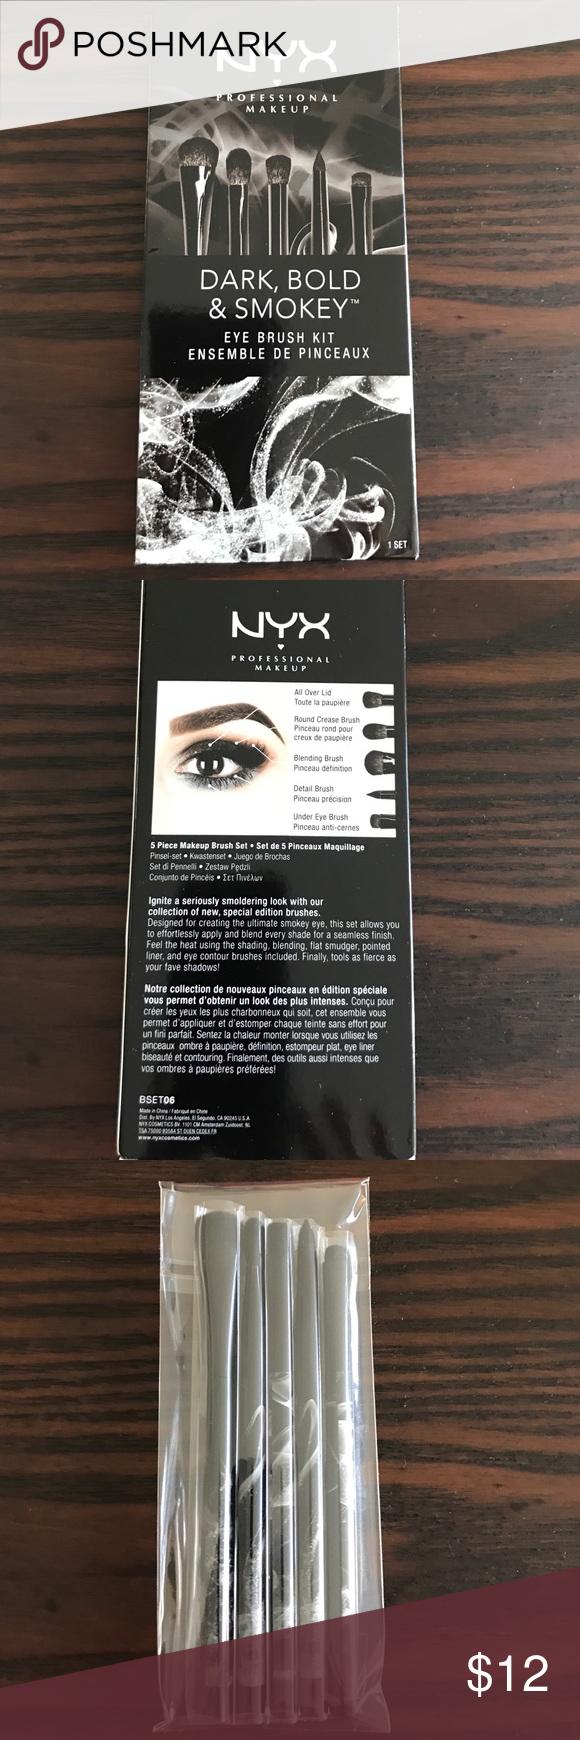 NYX Professional Dark, Bold & Smokey eye brush kit Eye